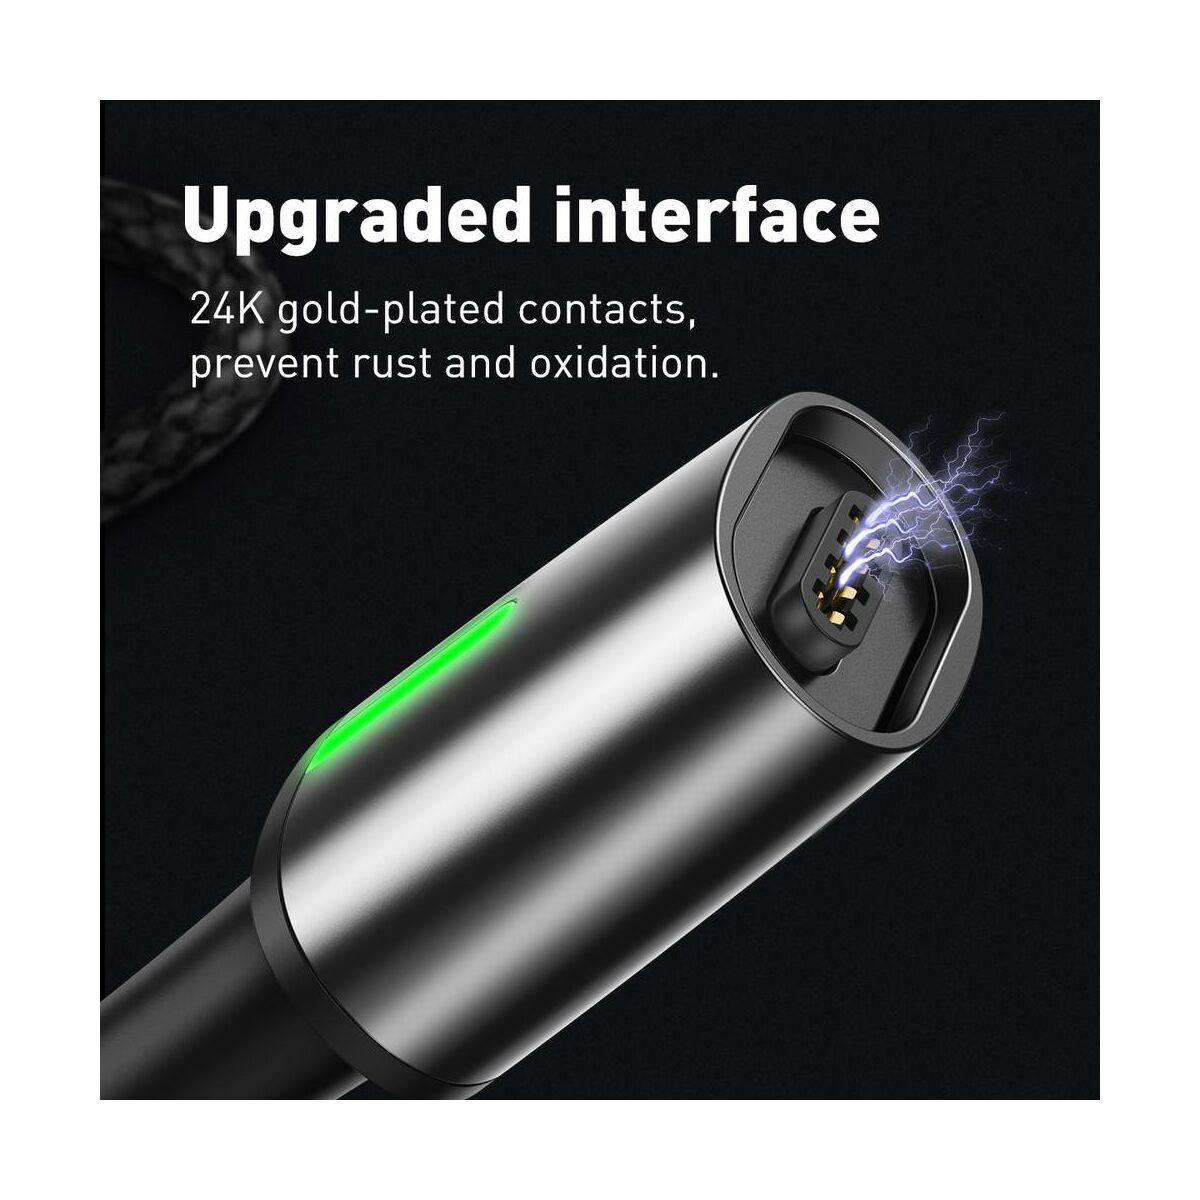 Baseus Mágneses kábel, Micro USB, Mágnessel csatlakozó töltő kábel, 2.4A 1m, fekete (CAMXC-A01)